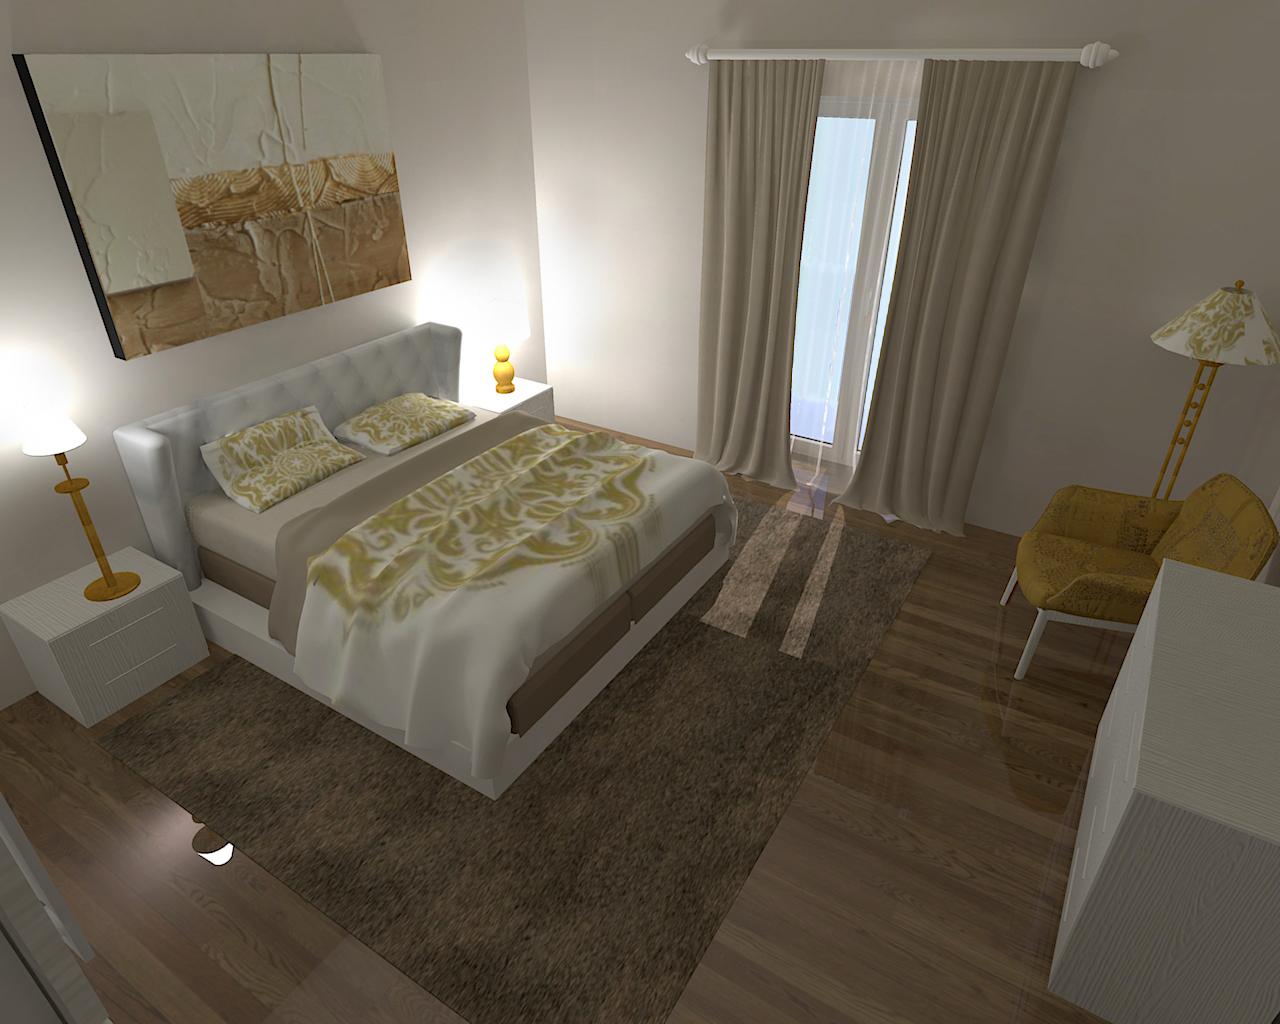 Camere Da Letto Bianche : Camere da letto per ragazze moderne unico camere da letto per